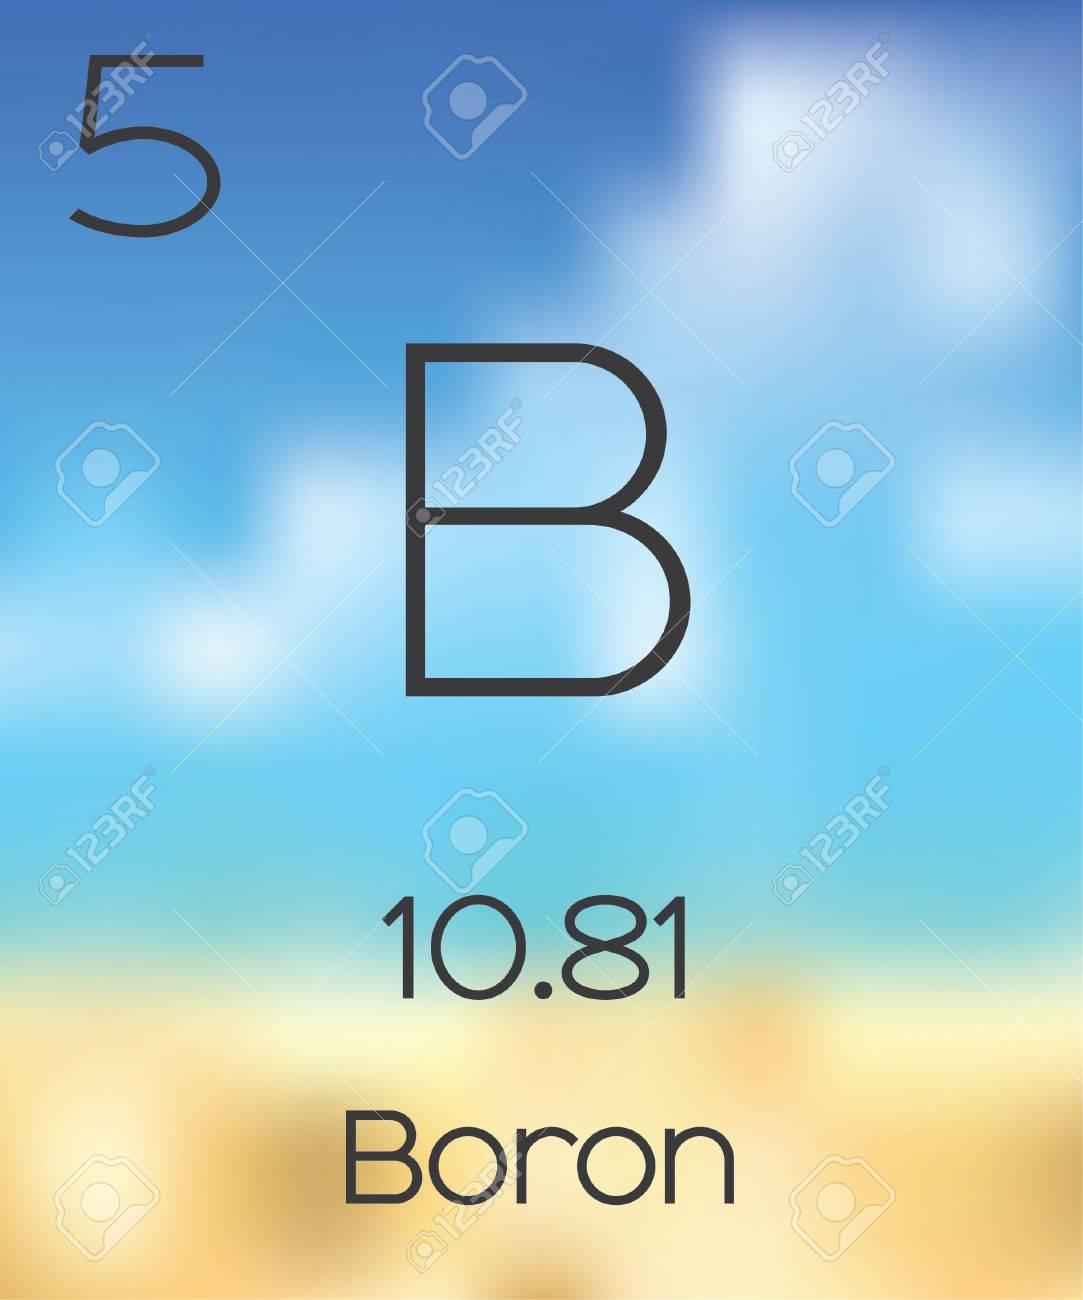 La tabla peridica de los elementos boro fotos retratos imgenes y foto de archivo la tabla peridica de los elementos boro urtaz Images